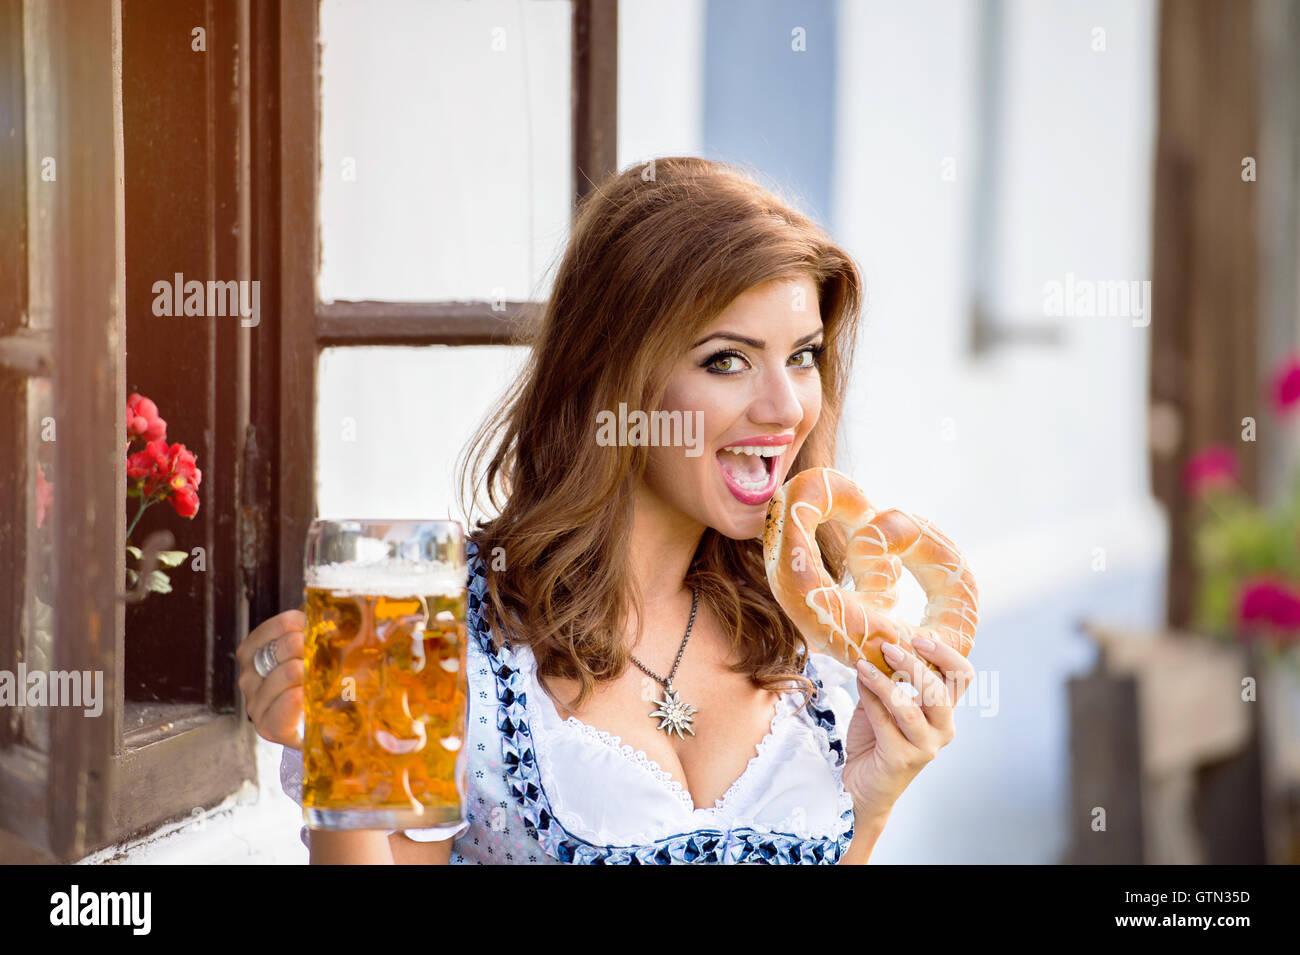 qui suis je de Martin 18 janvier trouvé par Martine Femme-en-robe-bavaroise-traditionnelle-biere-et-bretzel-holding-gtn35d